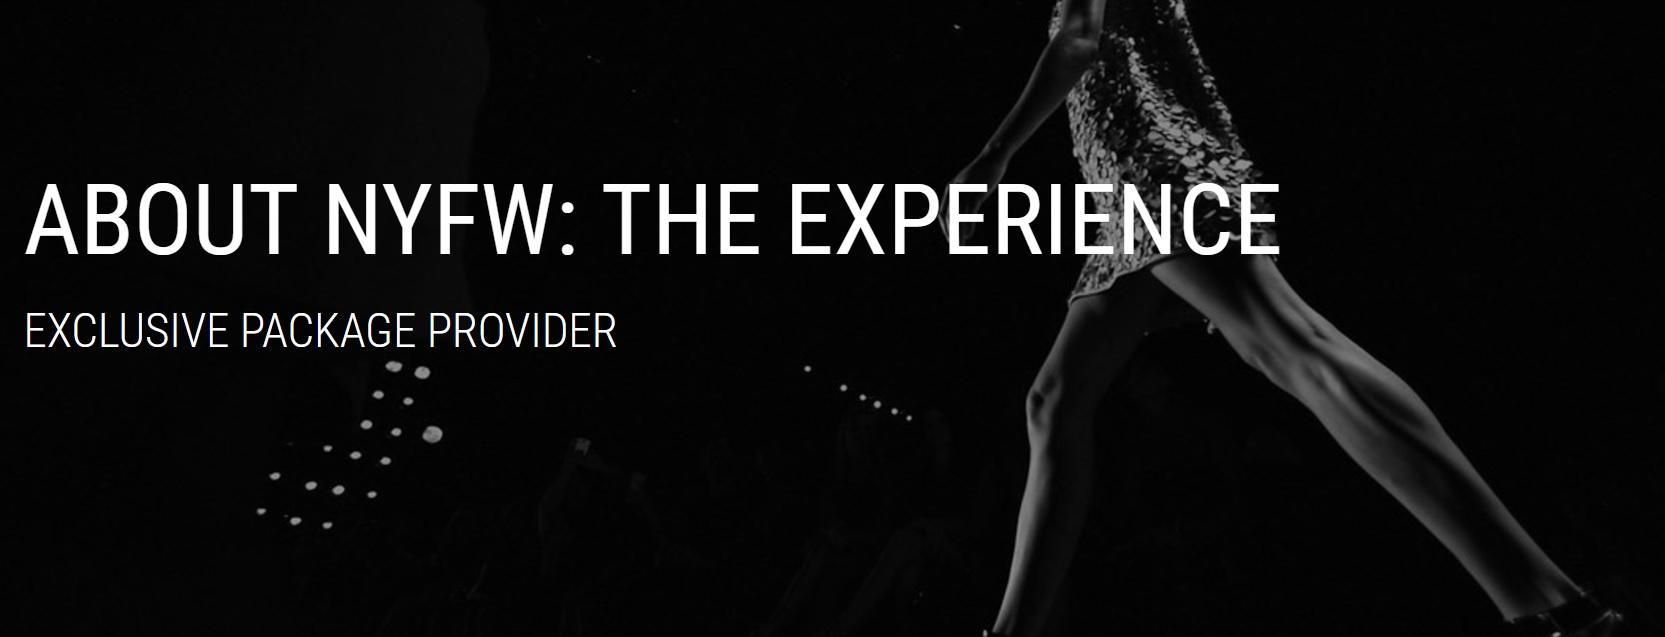 NYFW experience